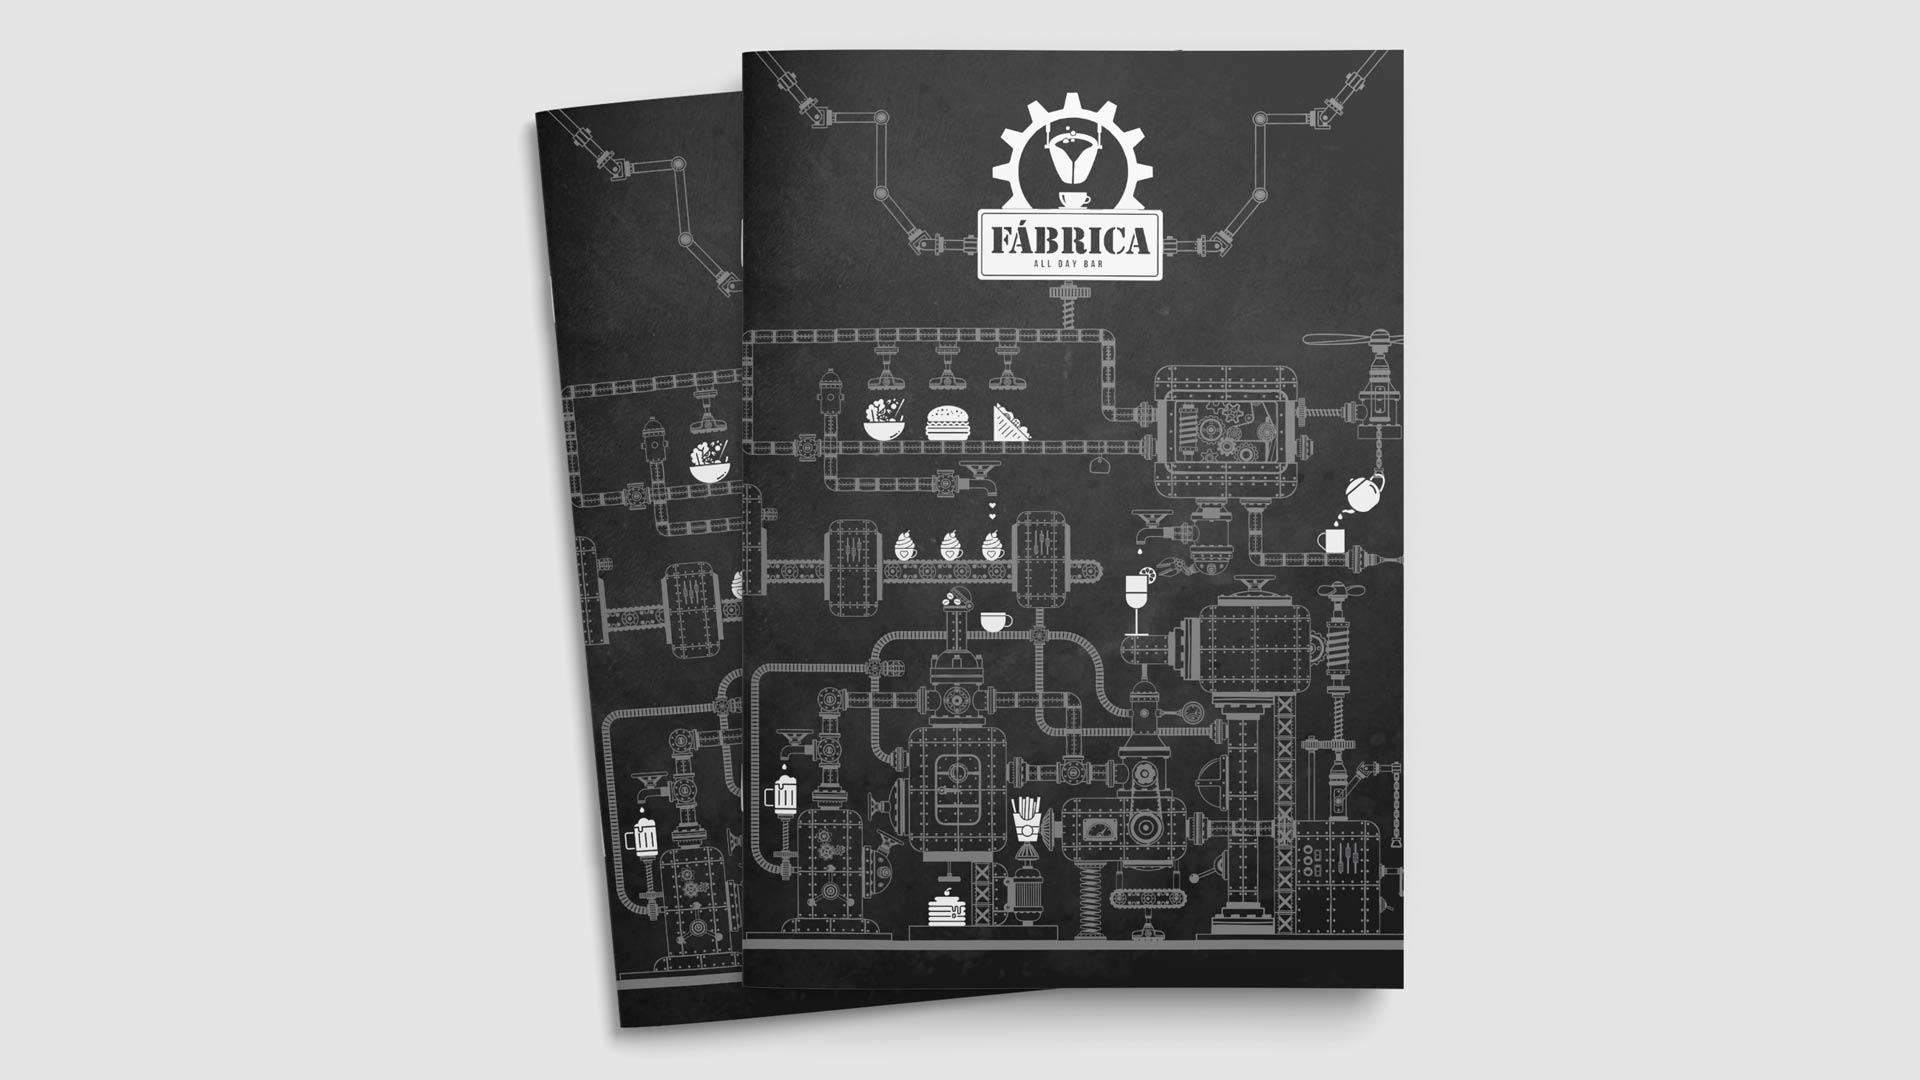 Das Cover der Printmedien (hier die Speisekarte) mit neuem Logo für das Café Fábrica